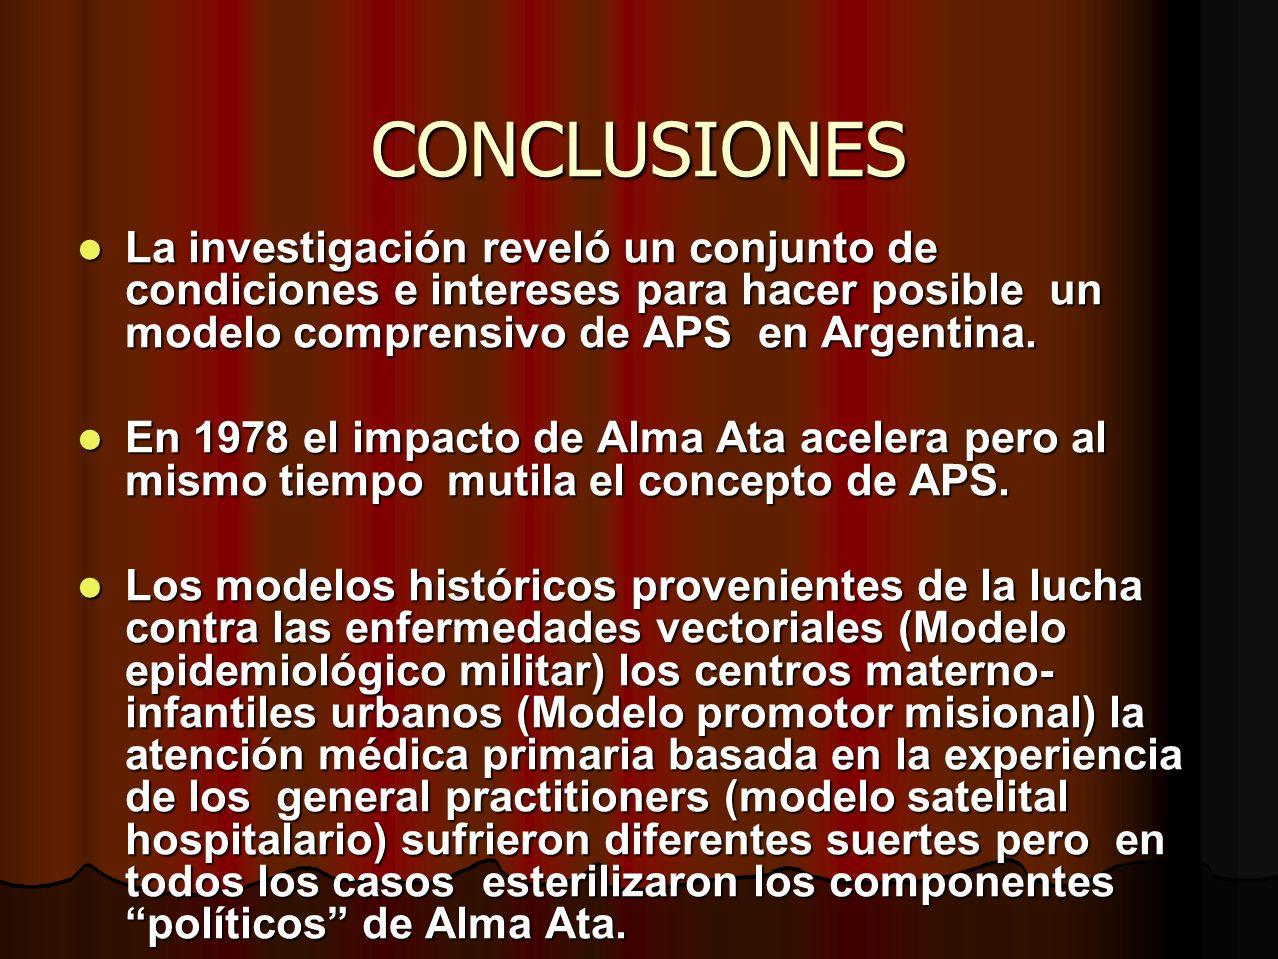 CONCLUSIONES La investigación reveló un conjunto de condiciones e intereses para hacer posible un modelo comprensivo de APS en Argentina.